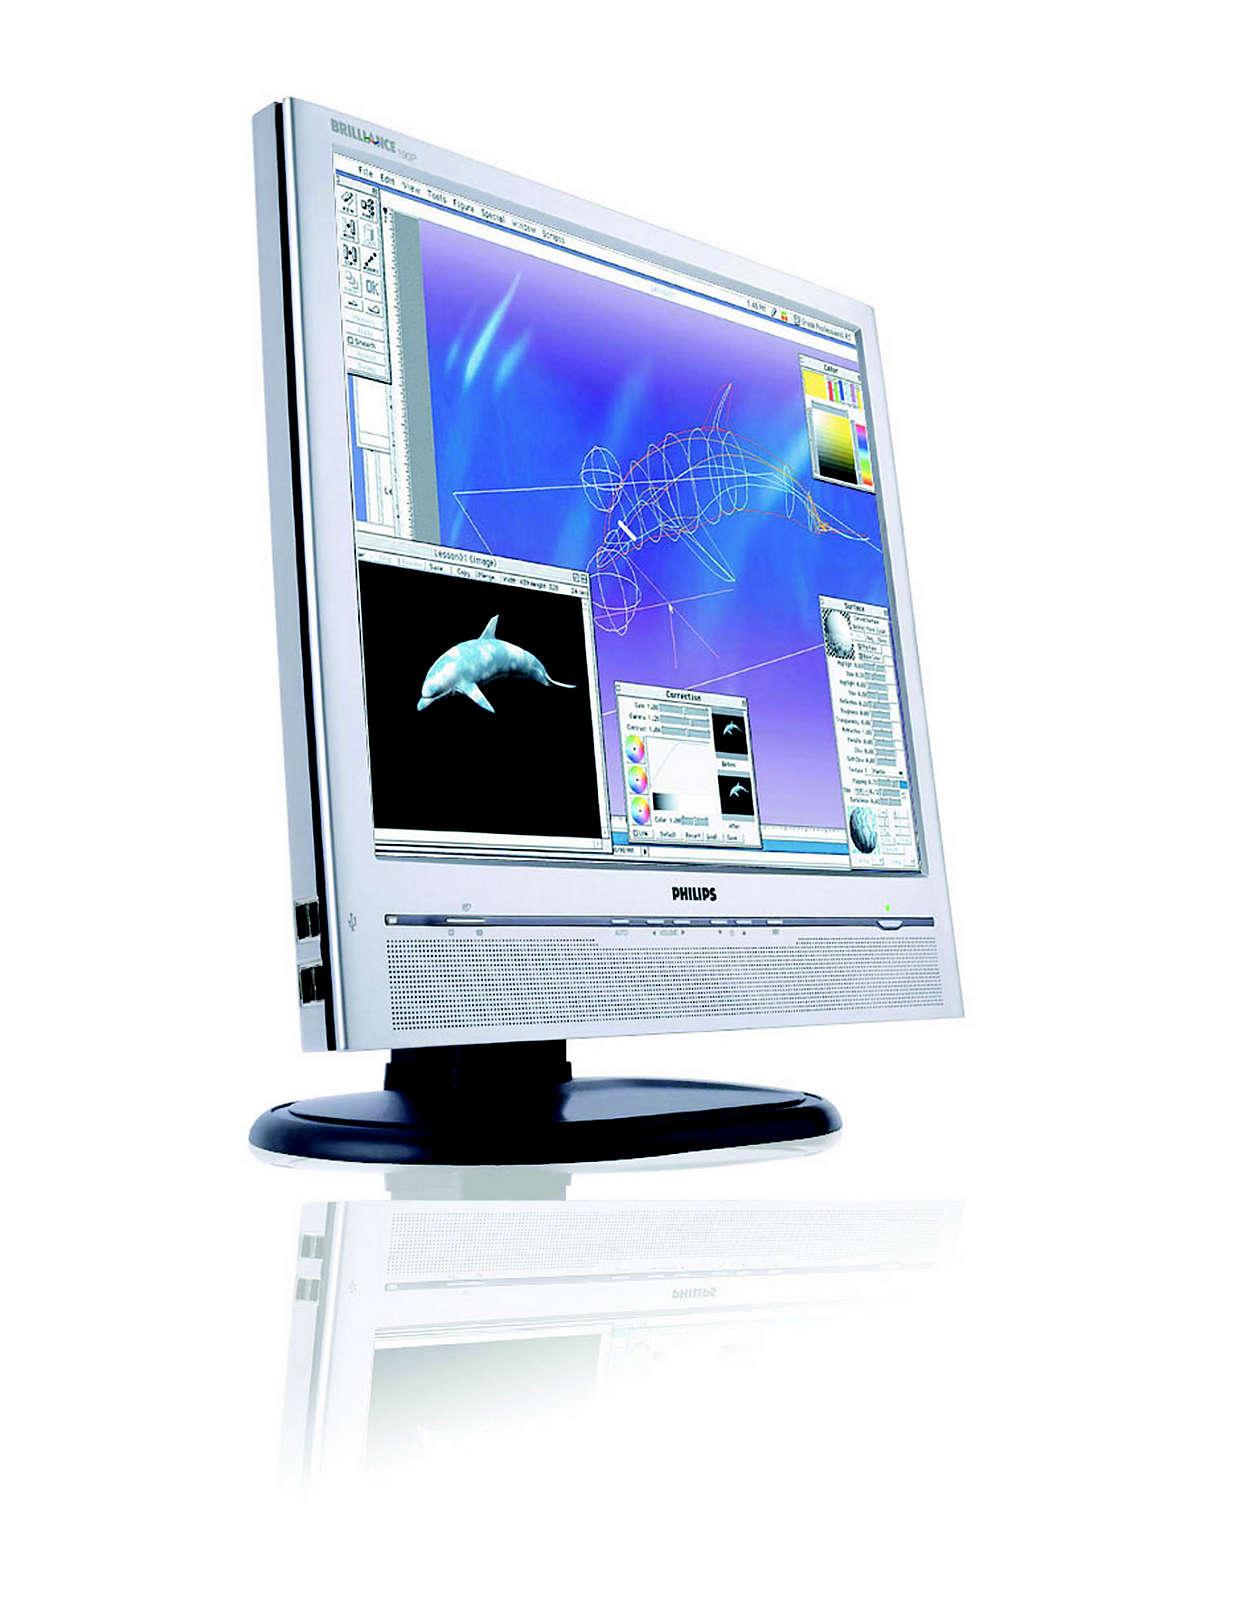 profesyonel çalışmalar için süper, büyük ekran